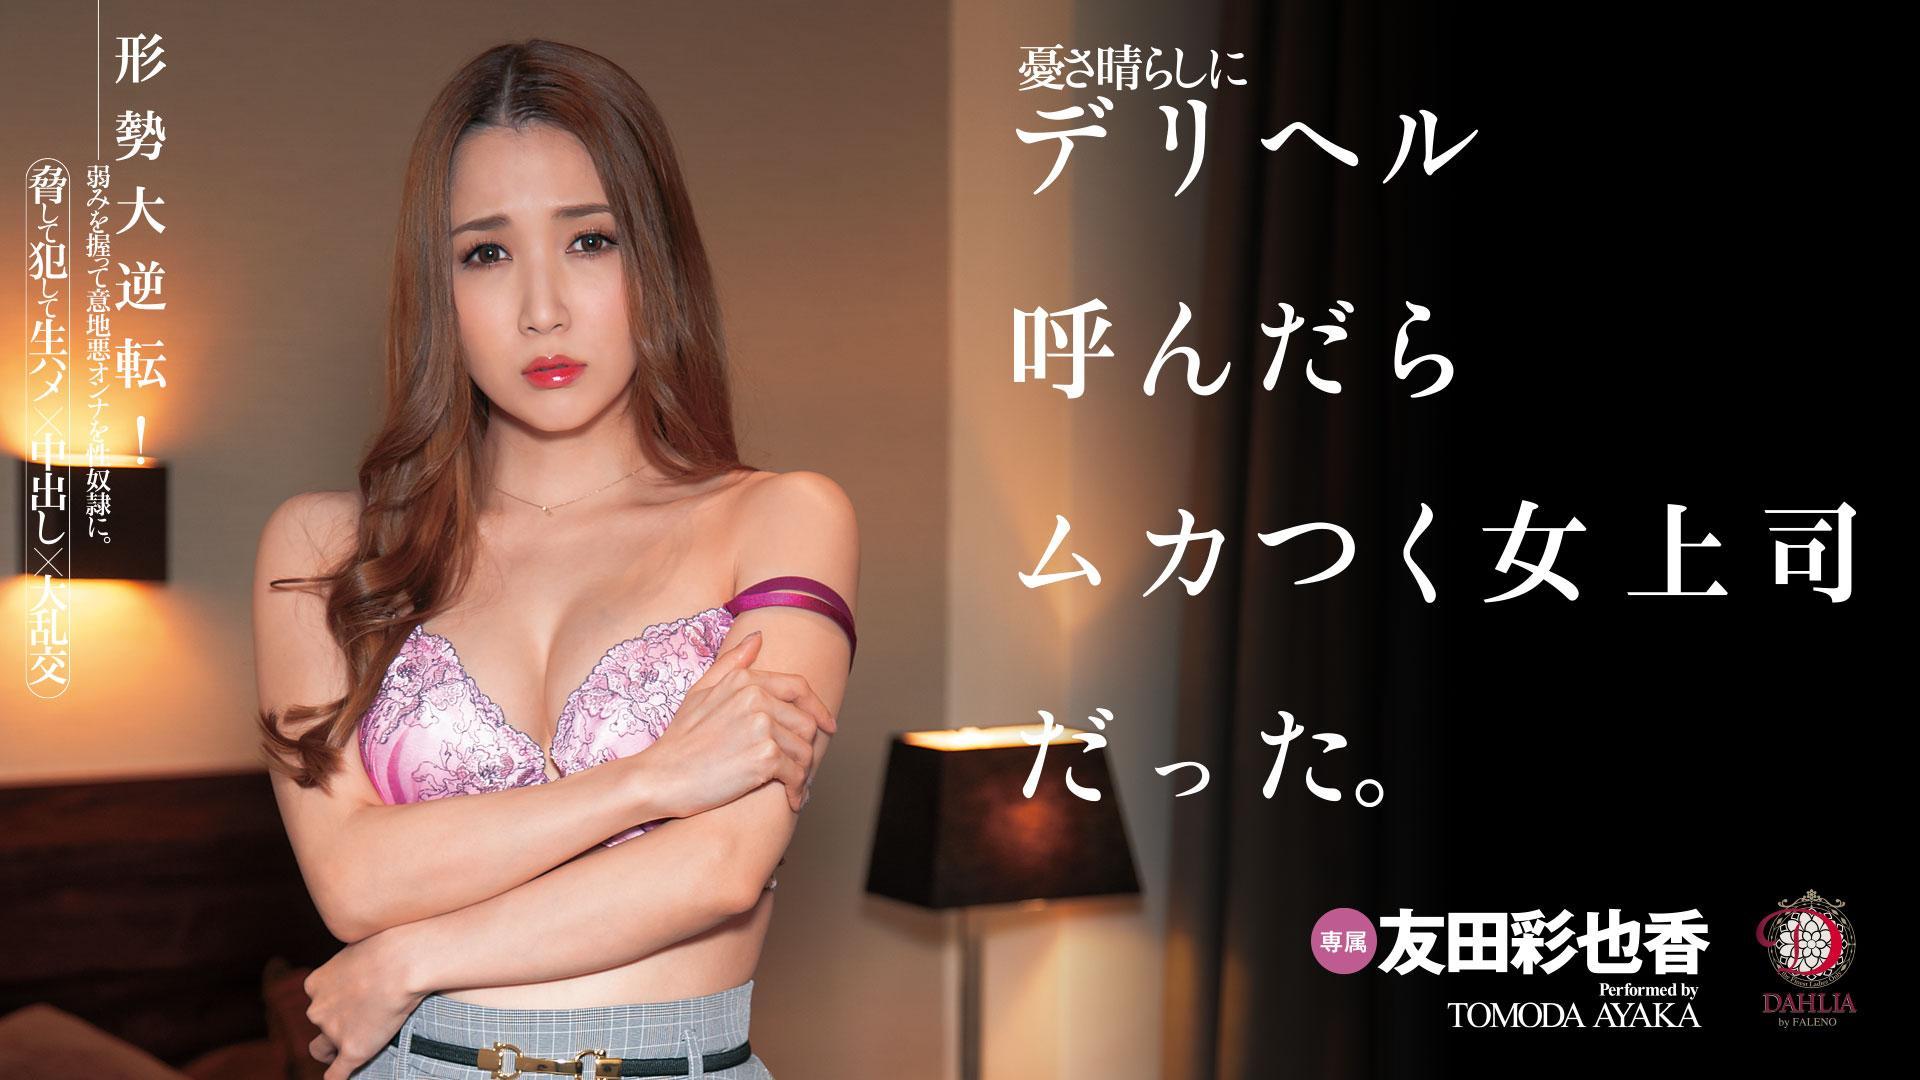 形勢大逆転!憂さ晴らしにデリヘル呼んだらムカつく女上司だった。 友田彩也香